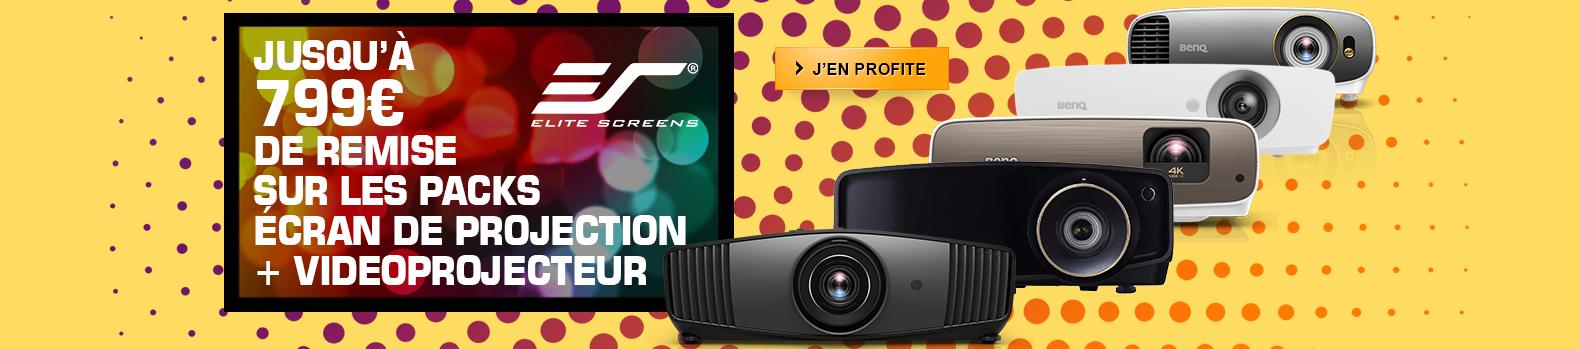 Jusqu'à 799€ de remise sur les packs écran de projection + vidéoprojecteur